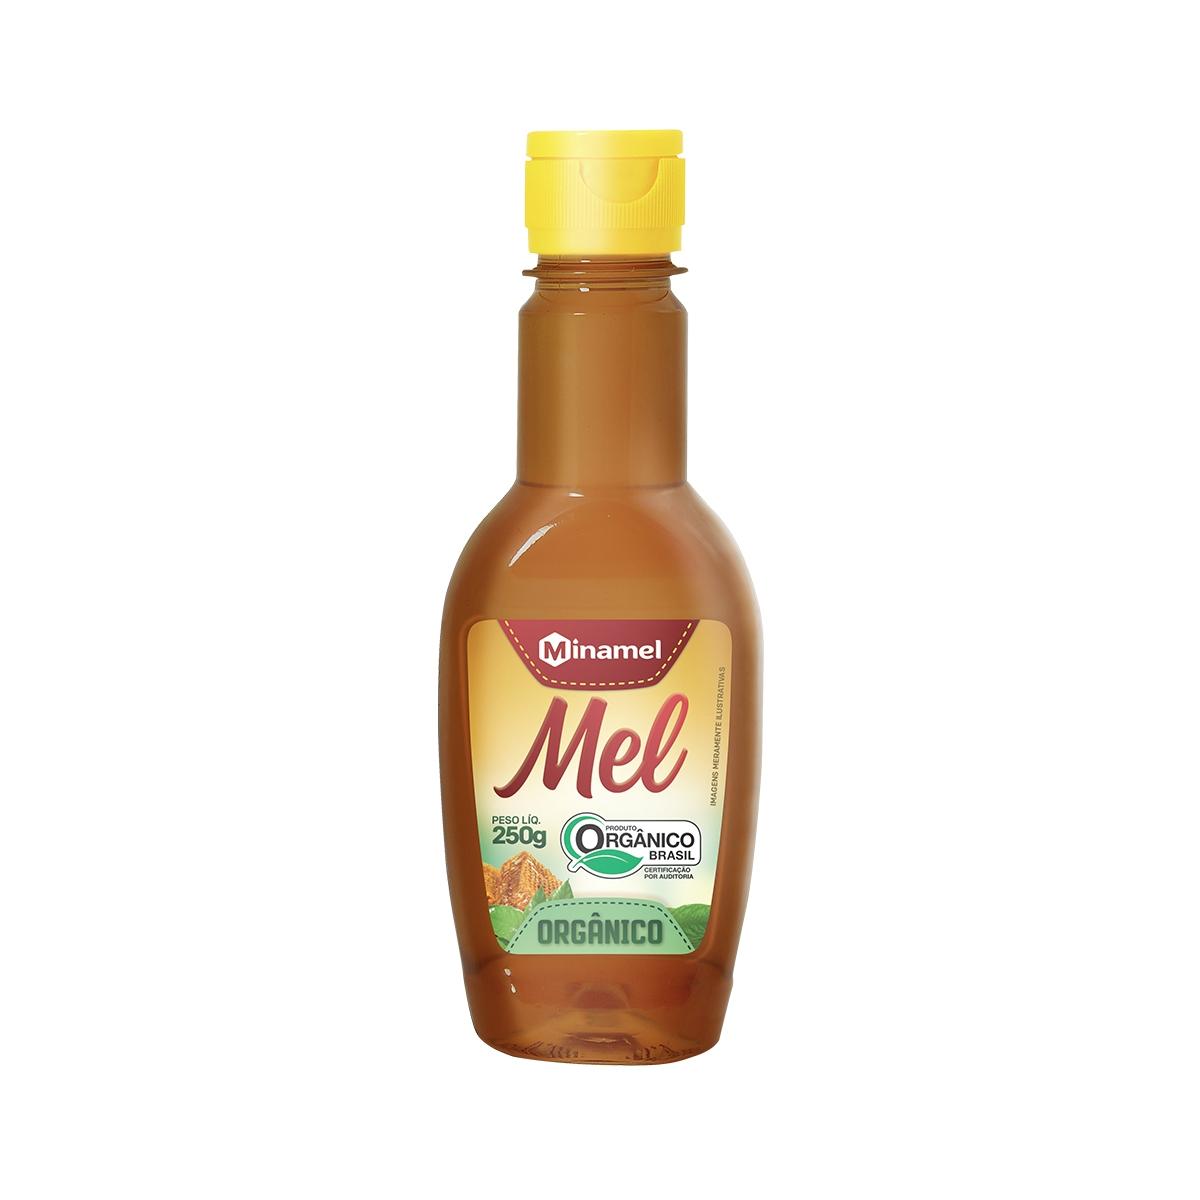 Mel Silvestre Orgânico Bisnaga 250g - Minamel